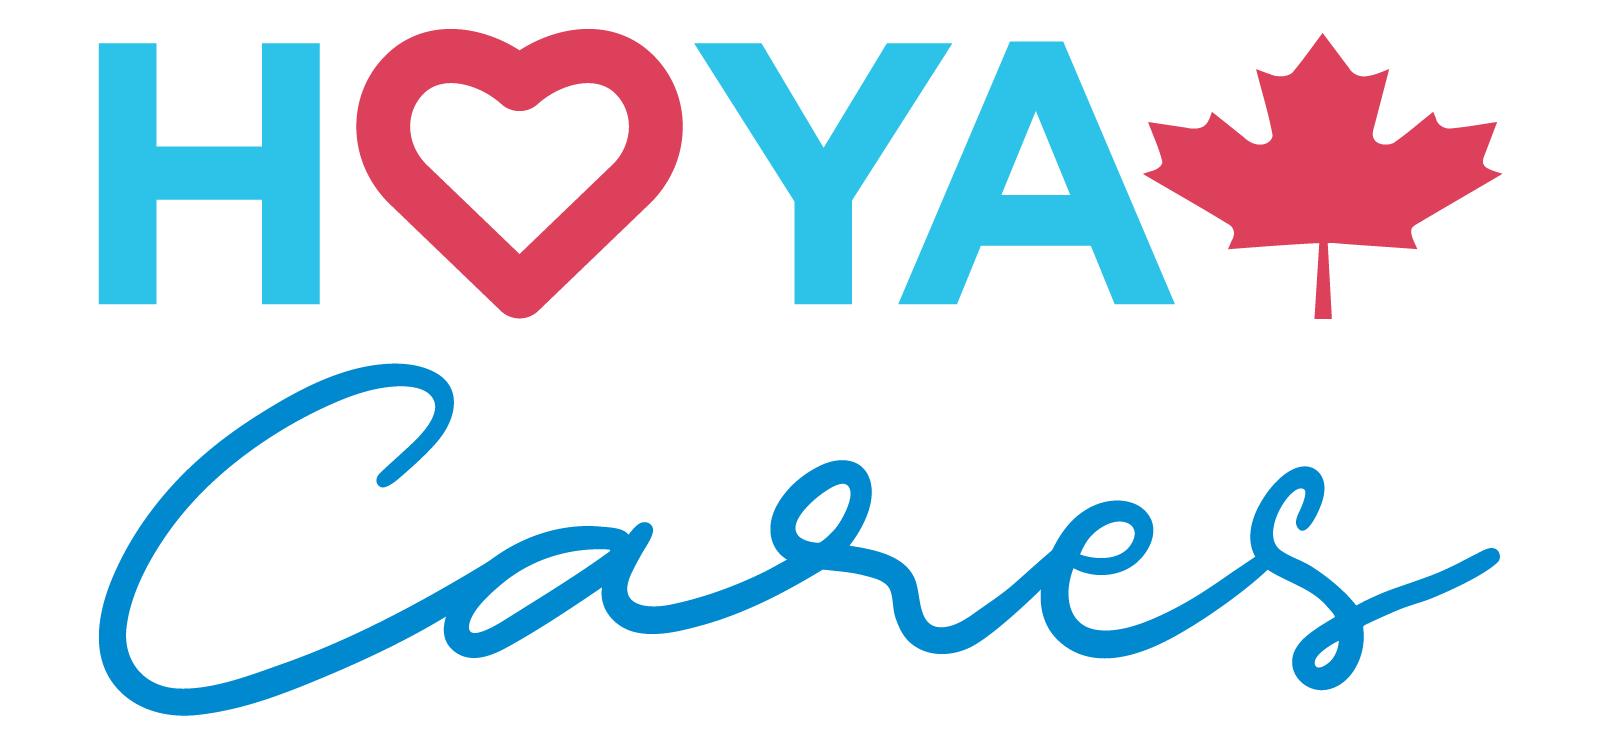 Hoya Cares Canada Logos final-1